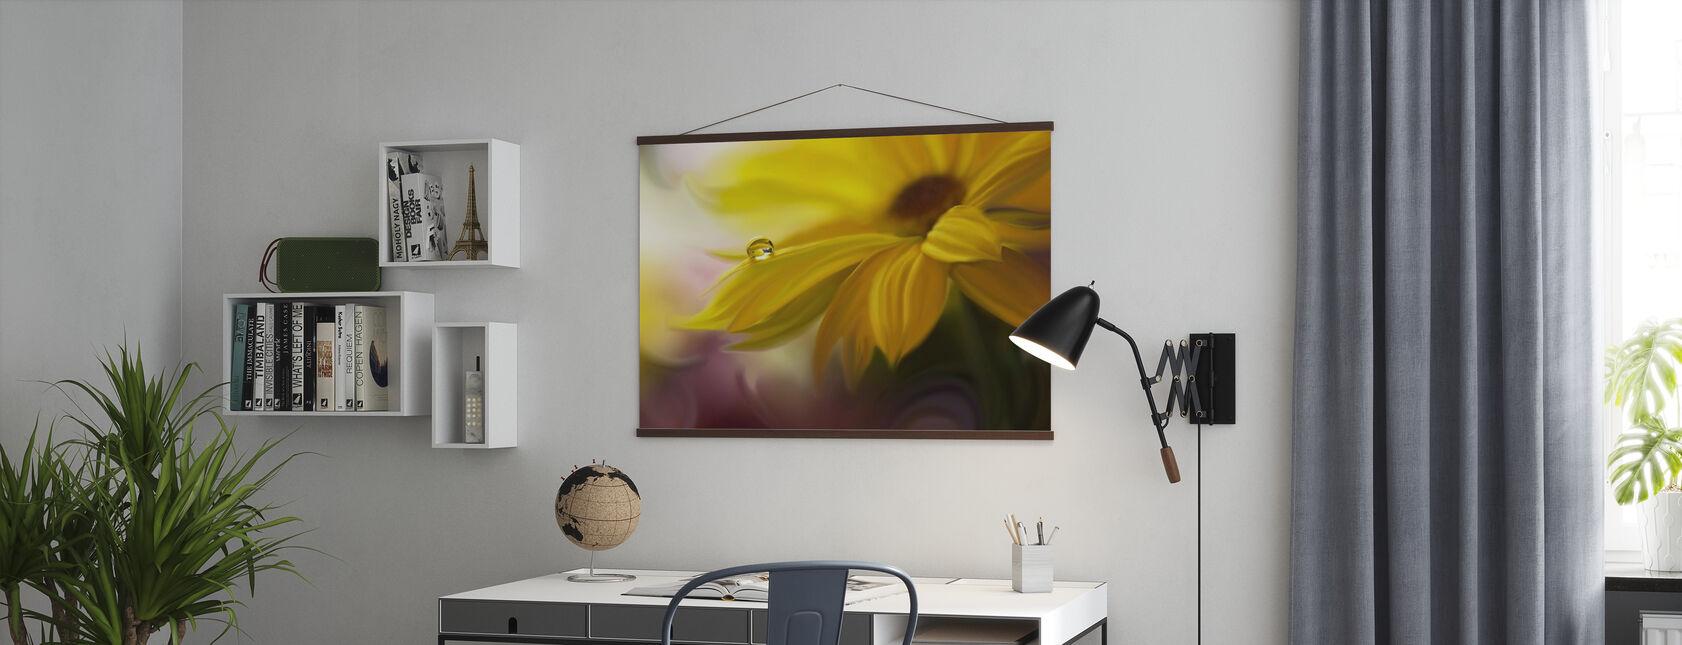 Solstråle - Plakat - Kontor